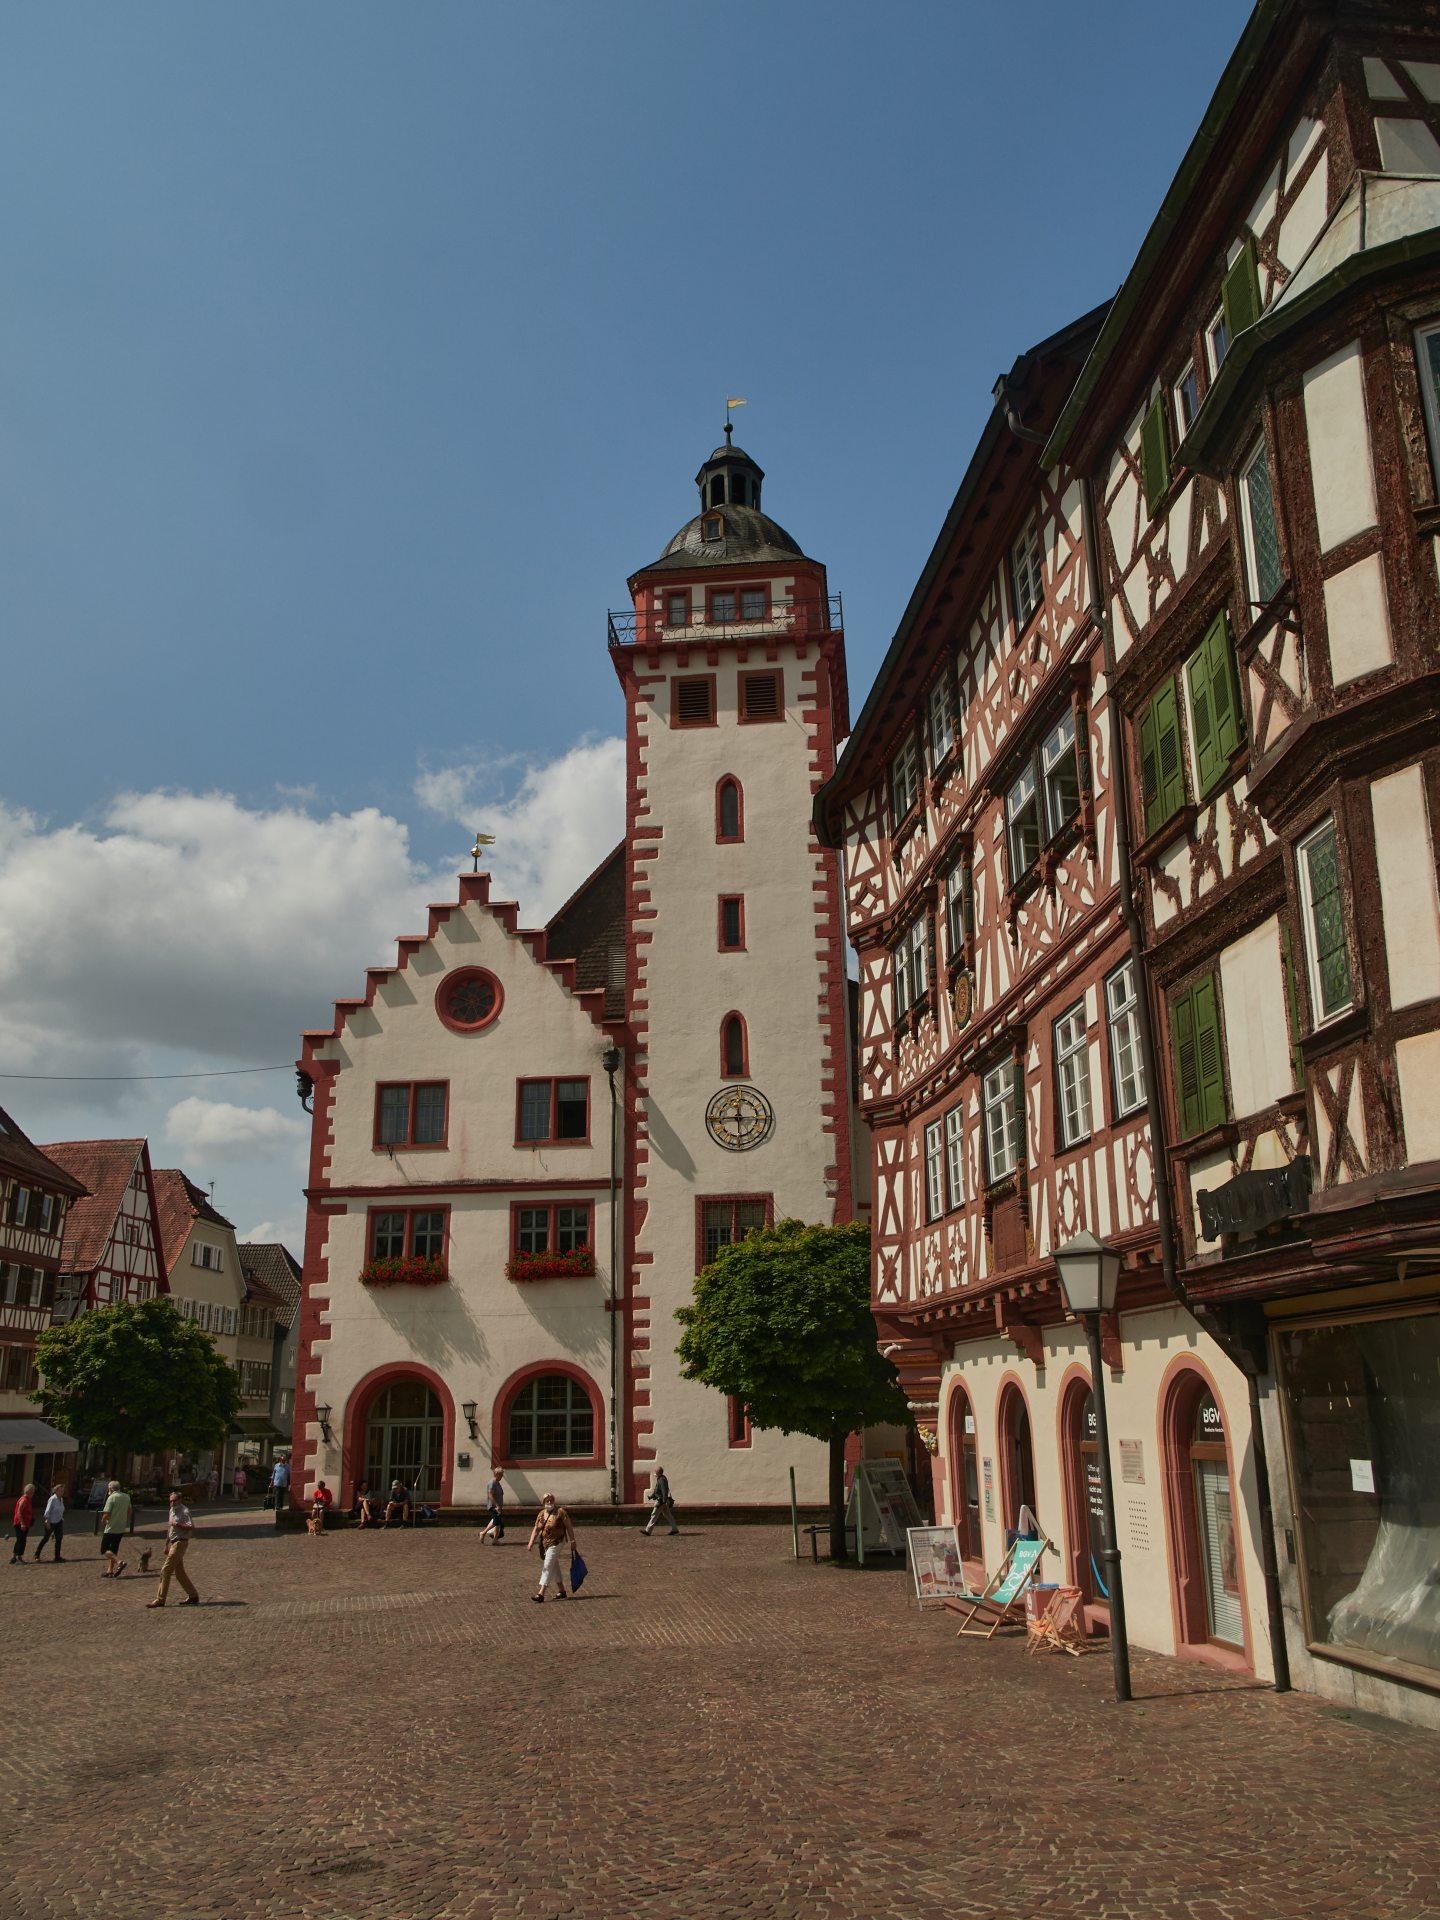 Das Rathaus wurd 1557 erbaut